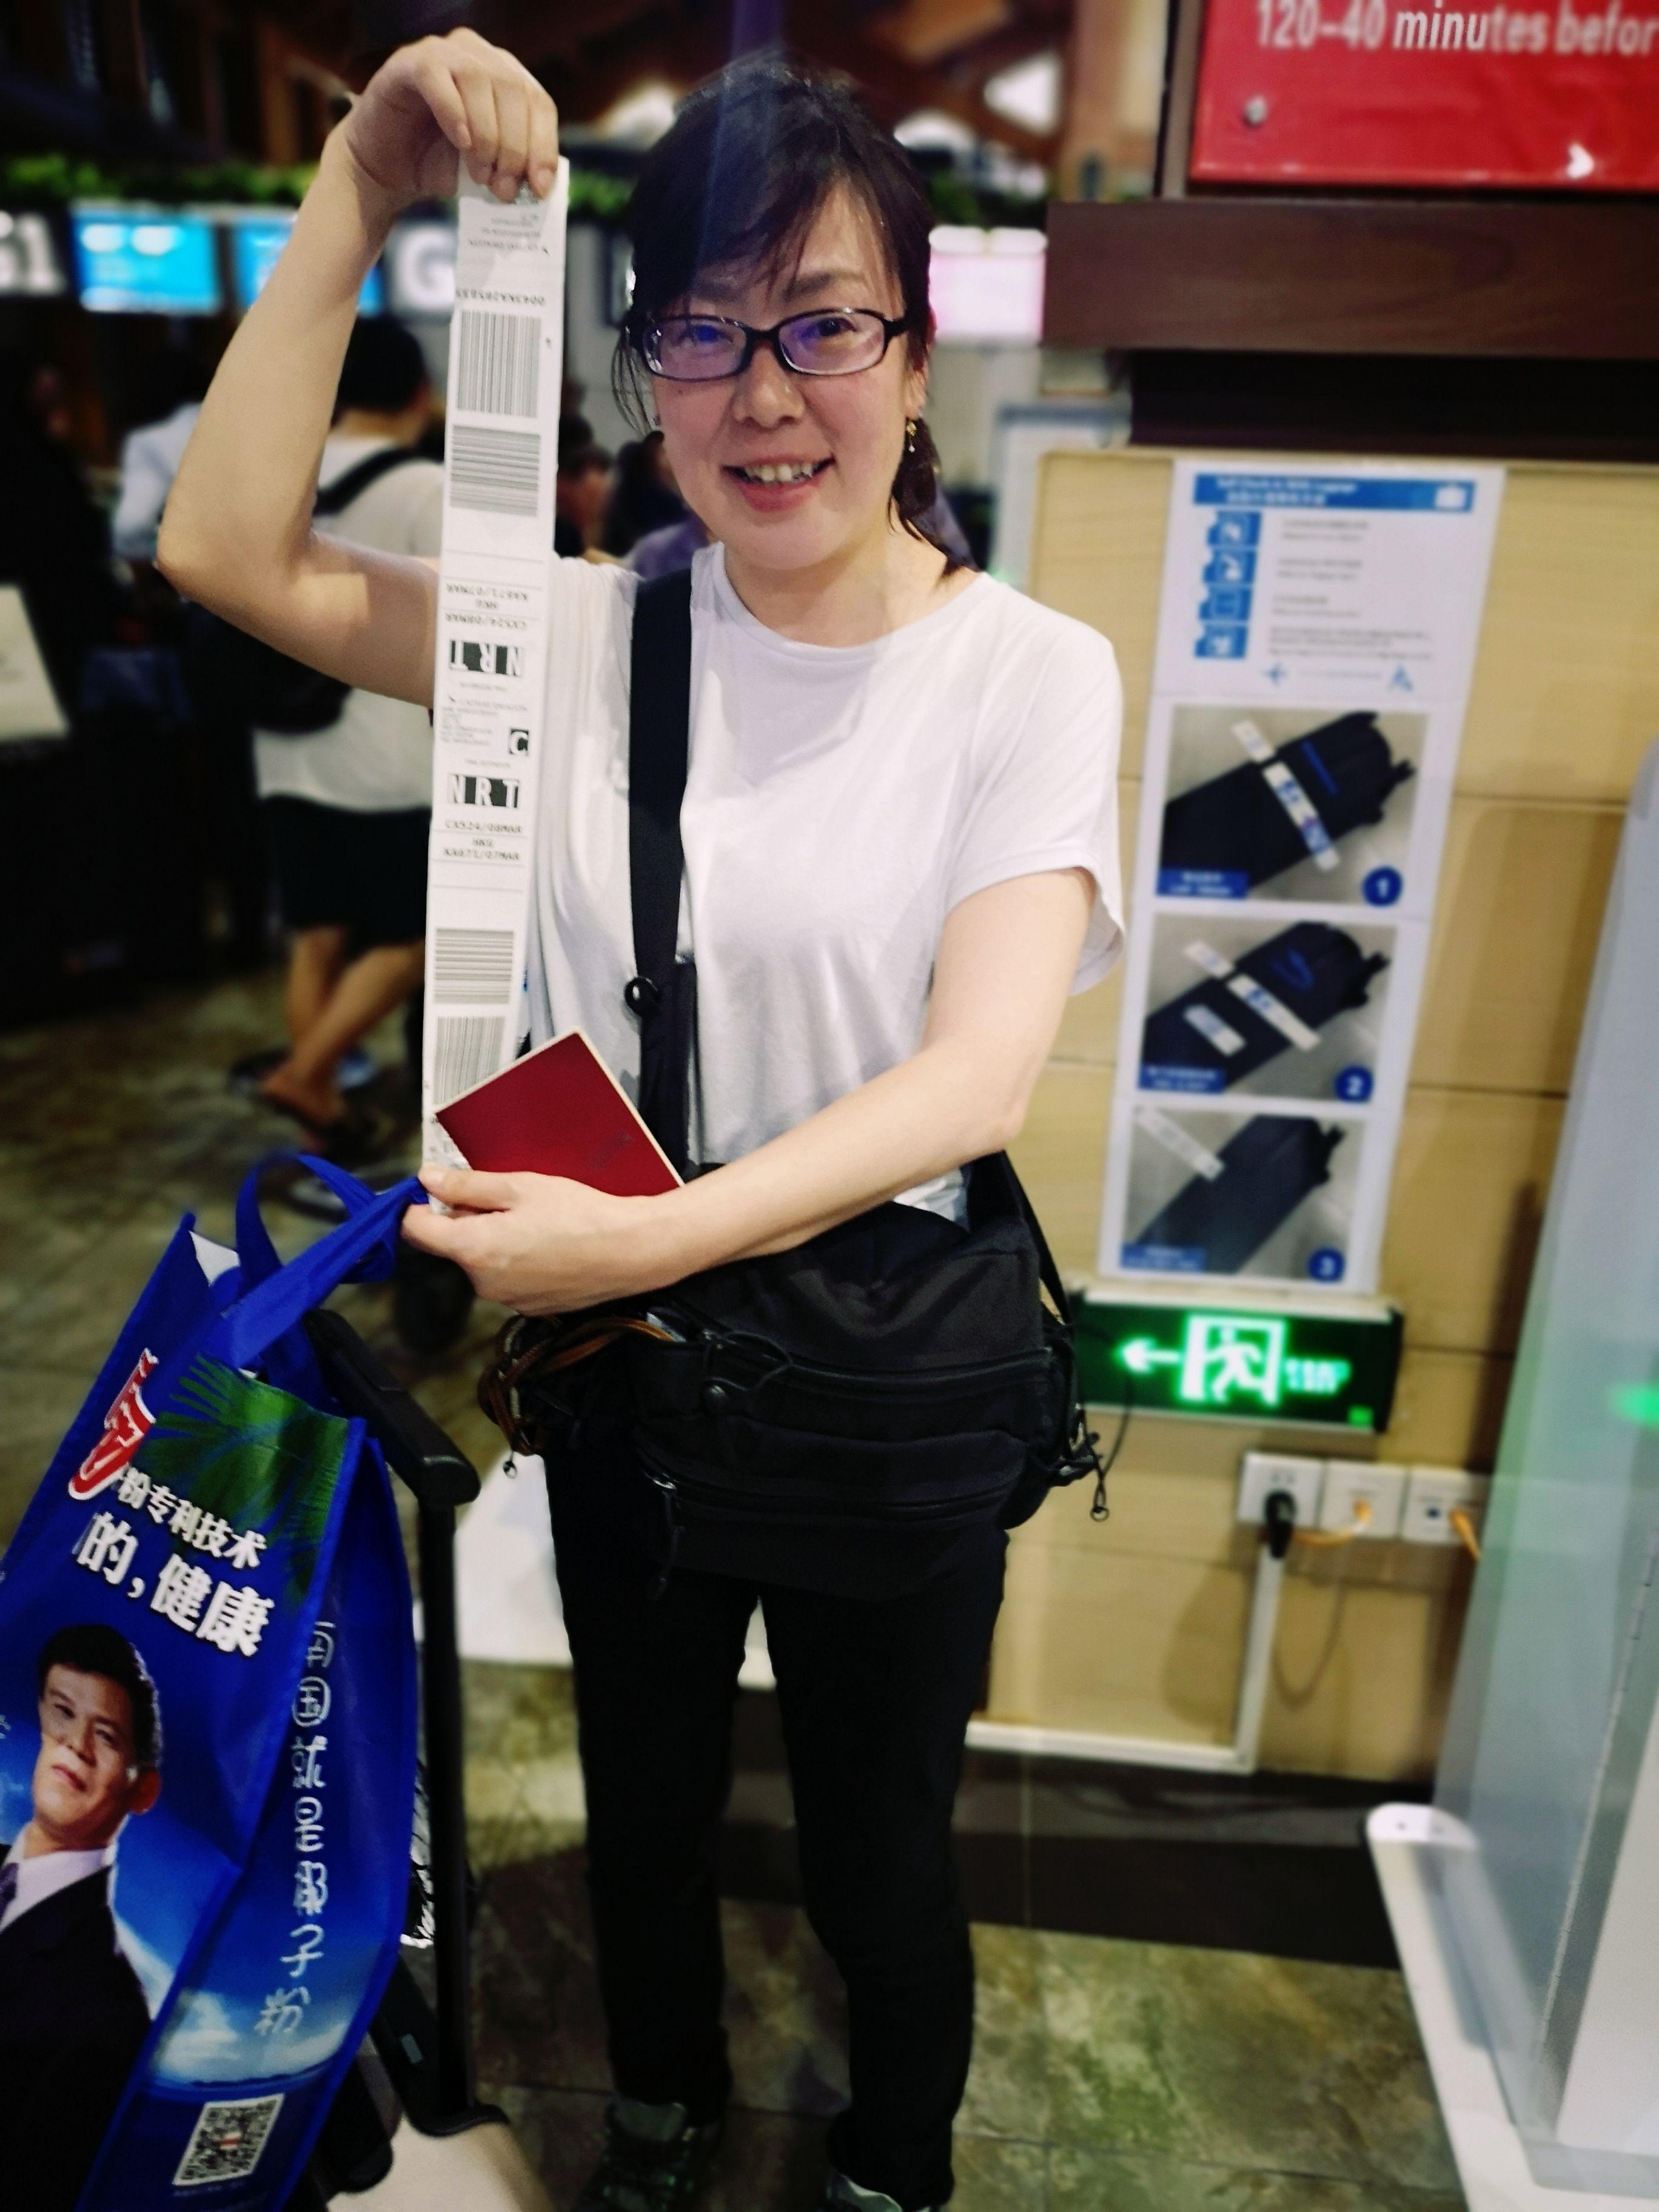 旅客展示自助打印行李条